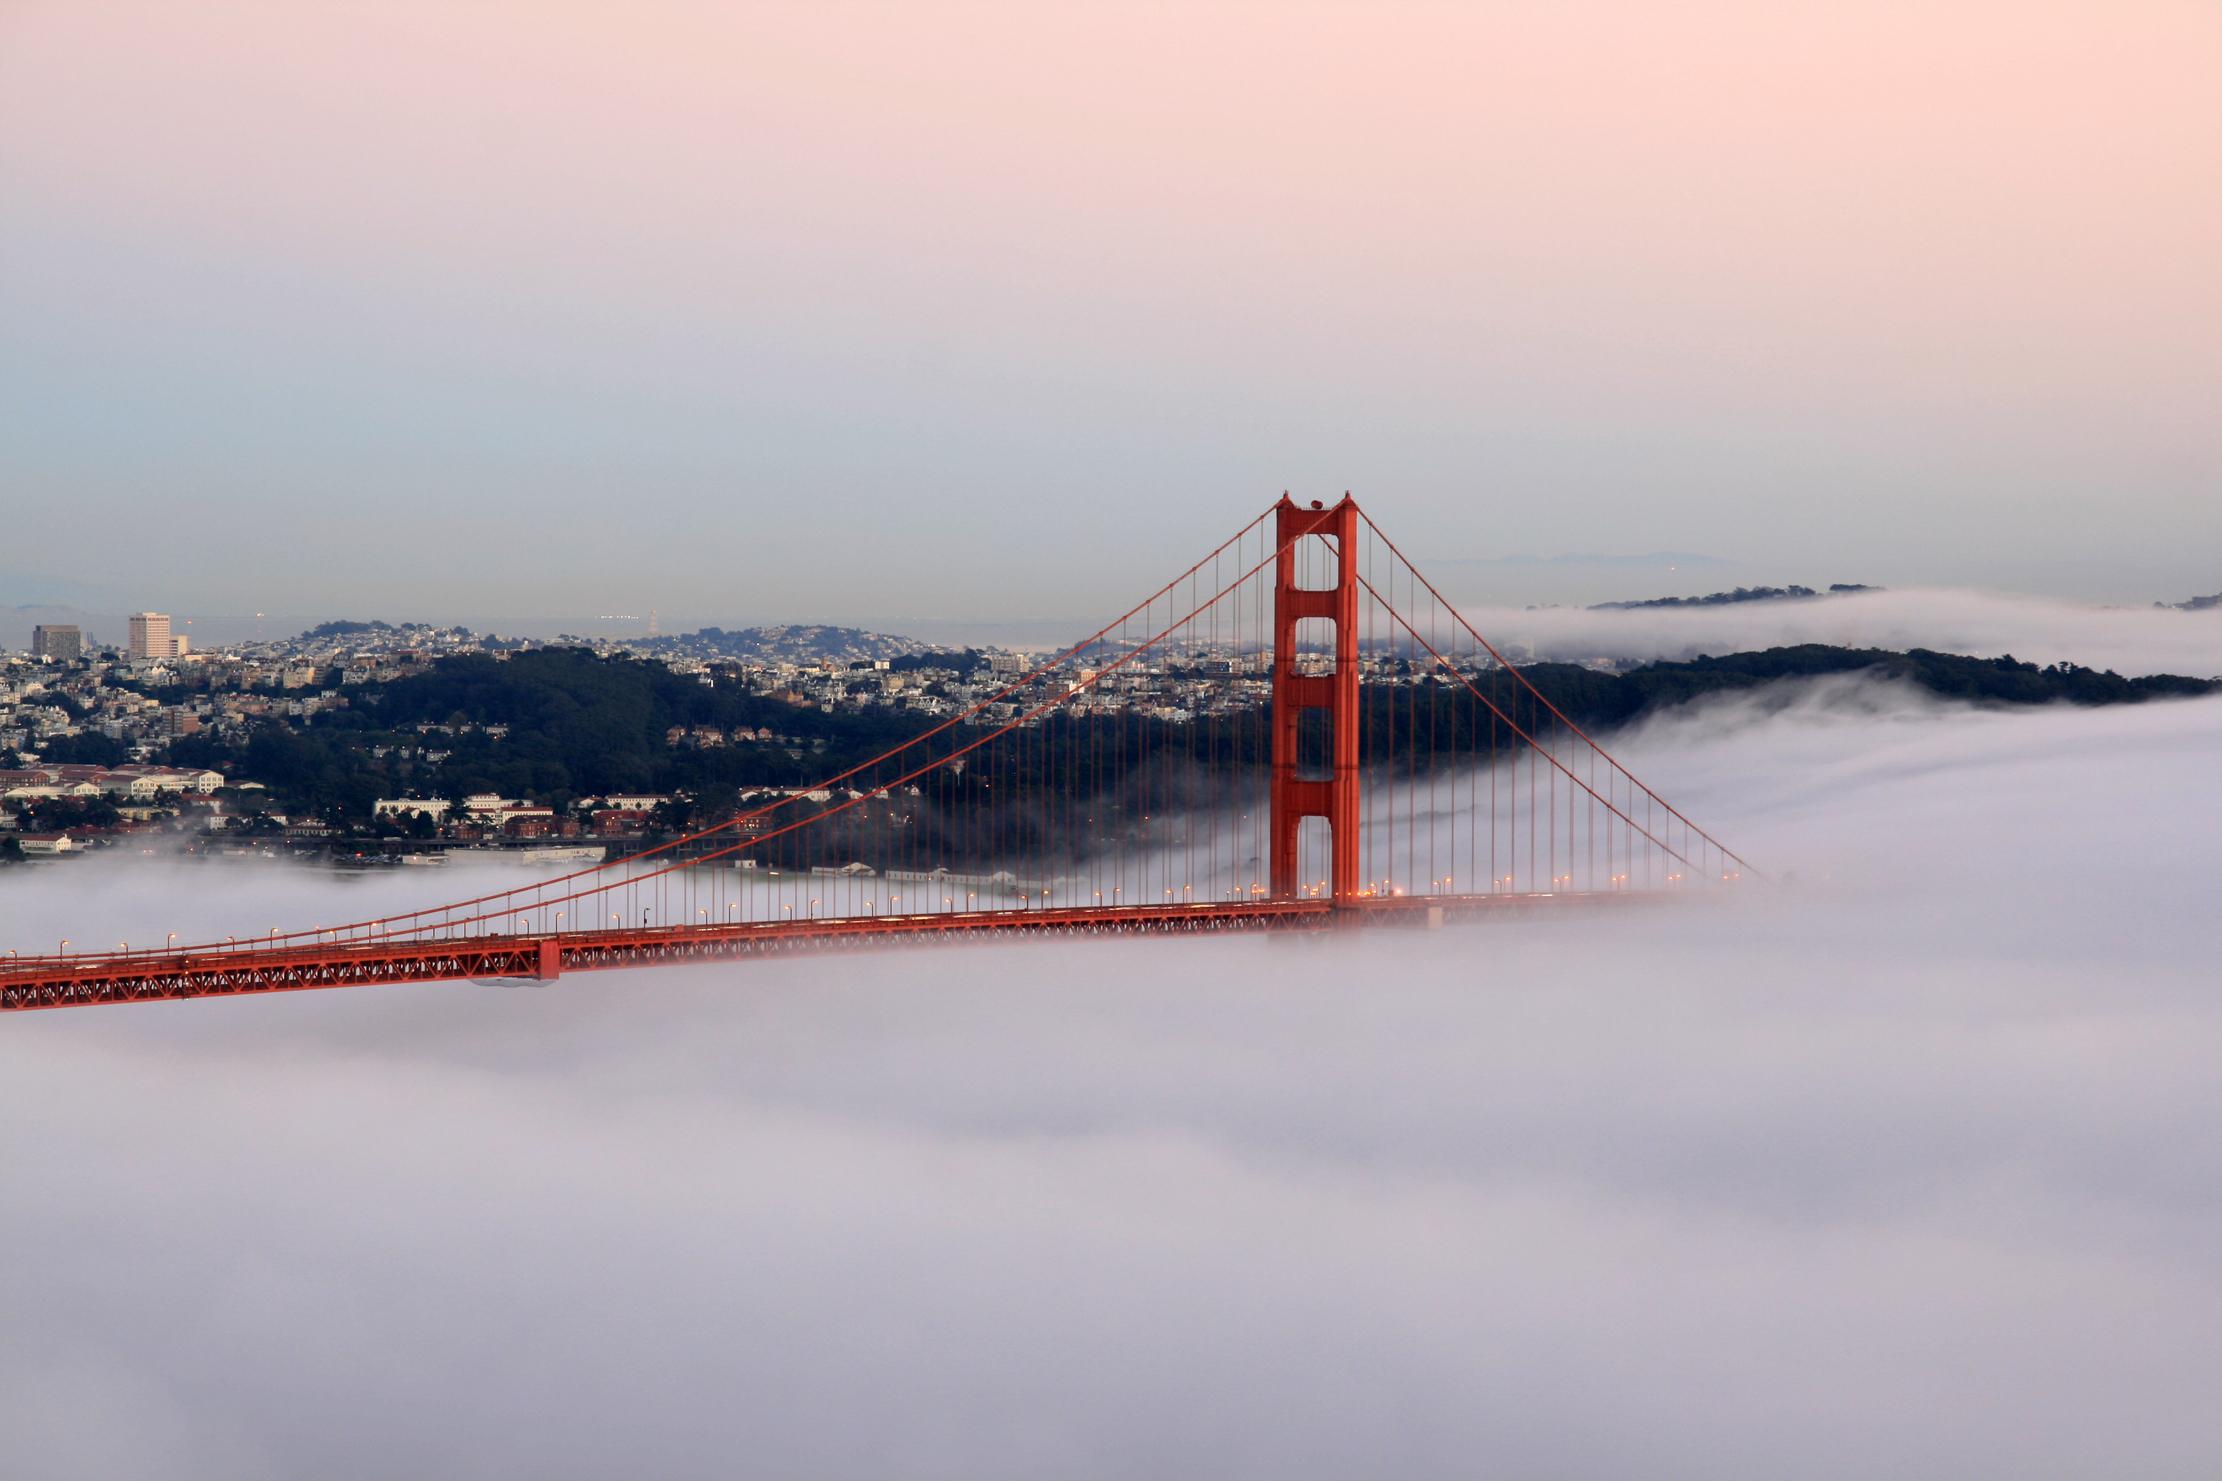 Golden Gate Bridge je jeden z nejslavnějších mostů světa a ikona Spojených států.